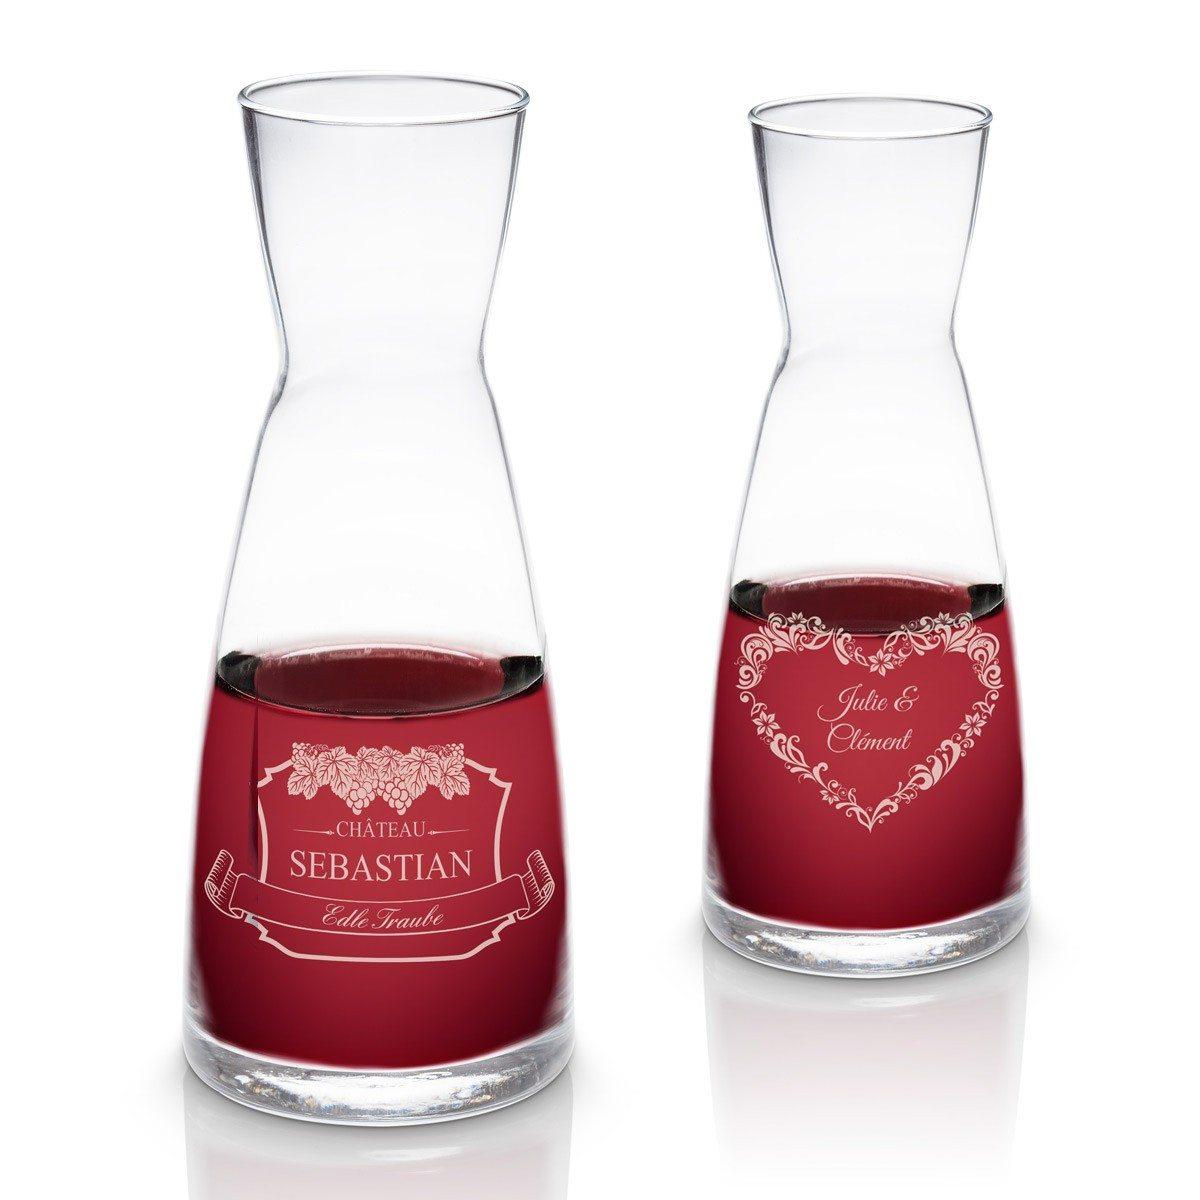 Wijnkaraf met gravure